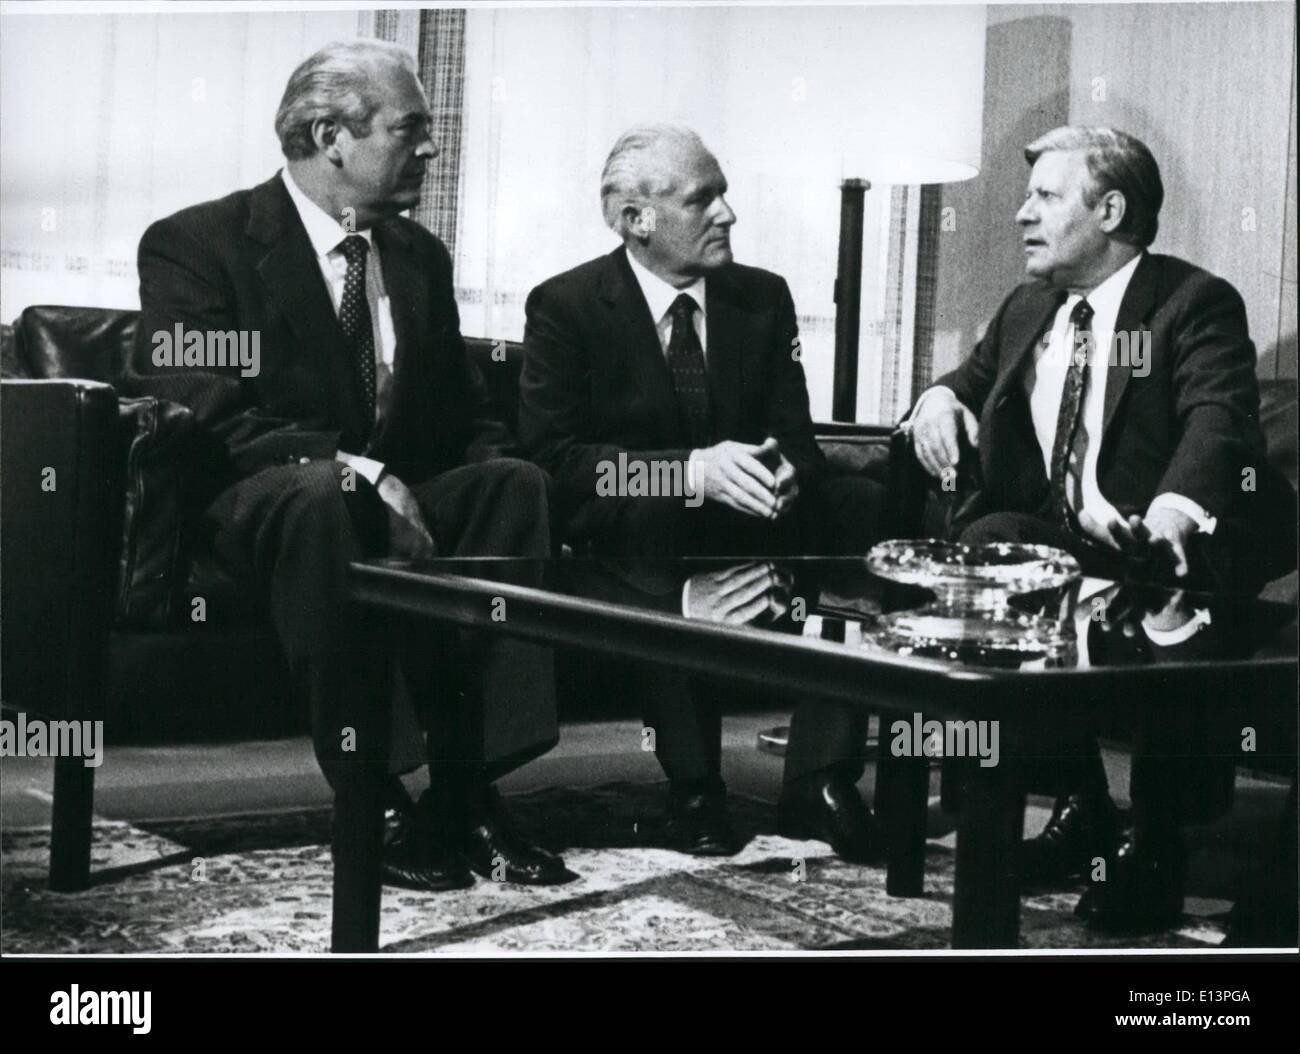 Mar. 22, 2012 - DDR-économie- Politicien Gunter Mittag Visites le chancelier fédéral Helmut Schmidt: Gunter Mittag, la plus importante de mémoire DDR-politicien qui sont venus après la visite du Premier ministre sera DDR Stoph, à West-Germany, avait au 17 avril 1980, deux heures d'entretien avec le Chancelier fédéral Helmut Schmidt. Les deux partenaires ont exprimé leur intérêt pour une coopération économique. Avant la rencontre avec le Chancelier fédéral, le SED- politicien a eu des entretiens avec le président de la coalition-parties du Bundestag Photo Stock